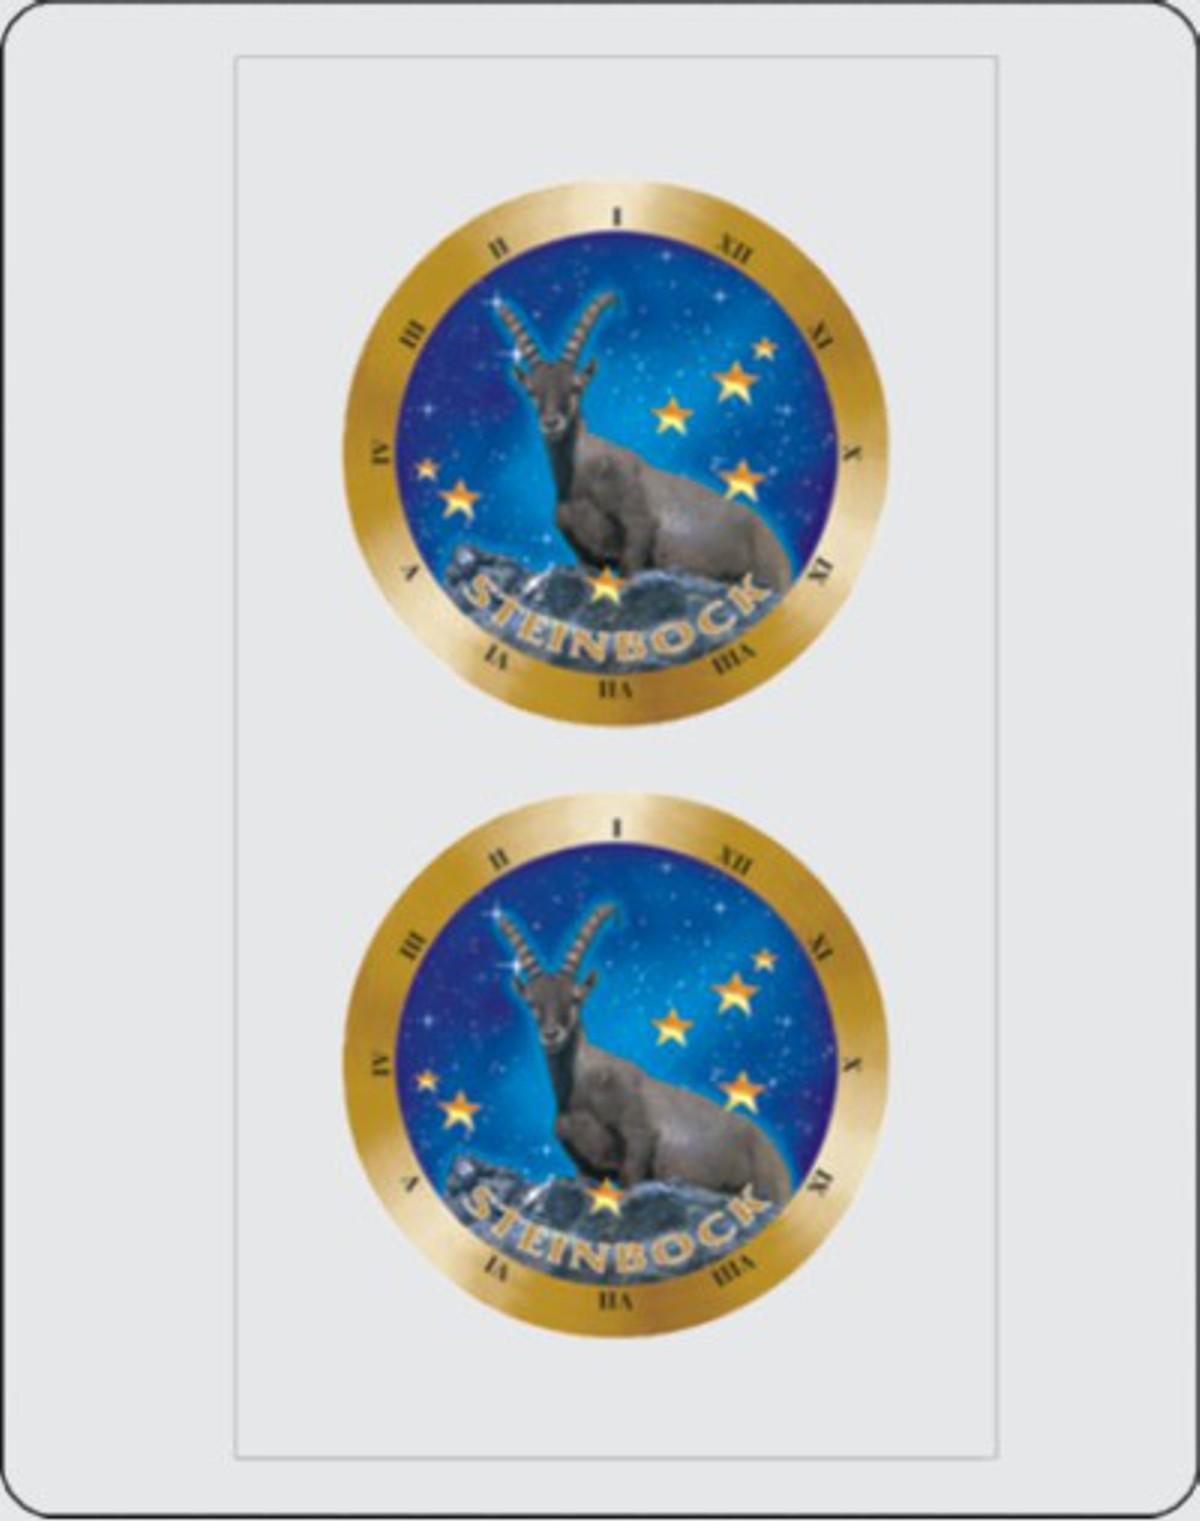 Autocollant signe du zodiaque Capricorne dimension set de 2 chaque Ø 40 mm – Bild 1